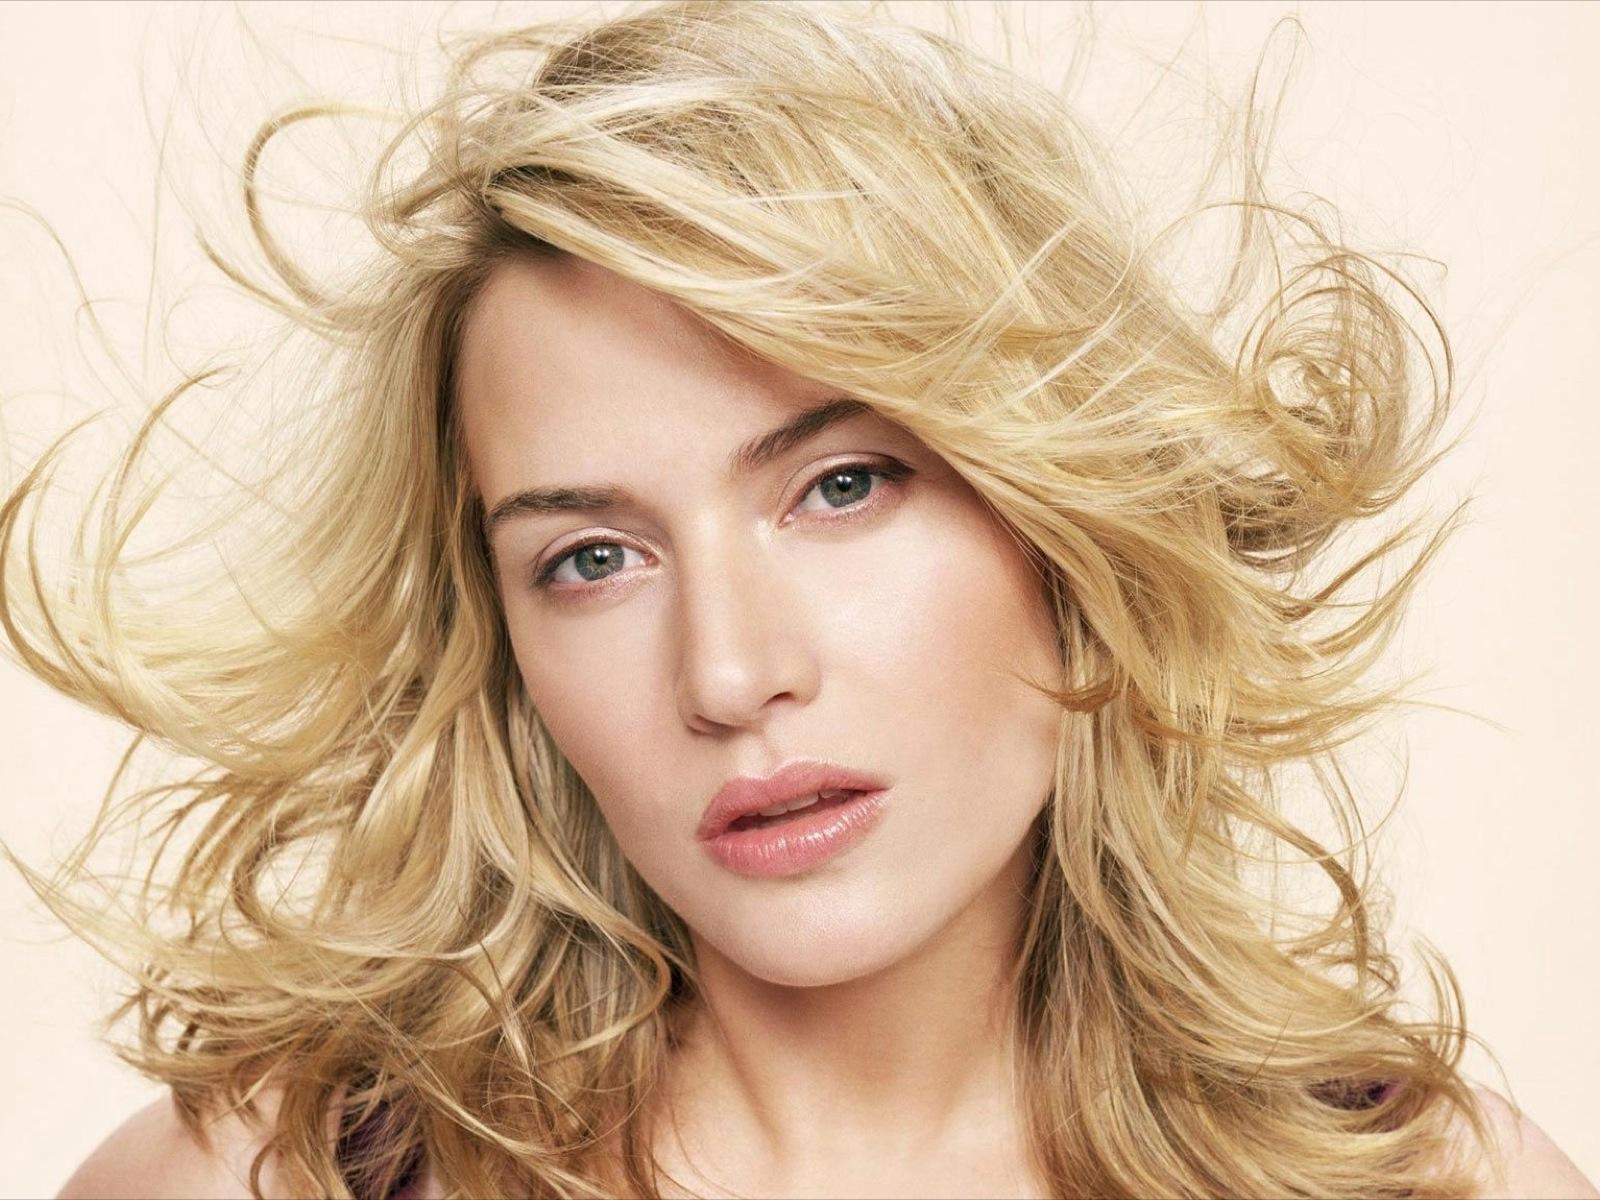 http://4.bp.blogspot.com/-irLBu9ql5sM/UNew8RTITJI/AAAAAAAADiY/KxOo3AUNirU/s1600/Kate+Winslet+-+Age+of+13.jpg